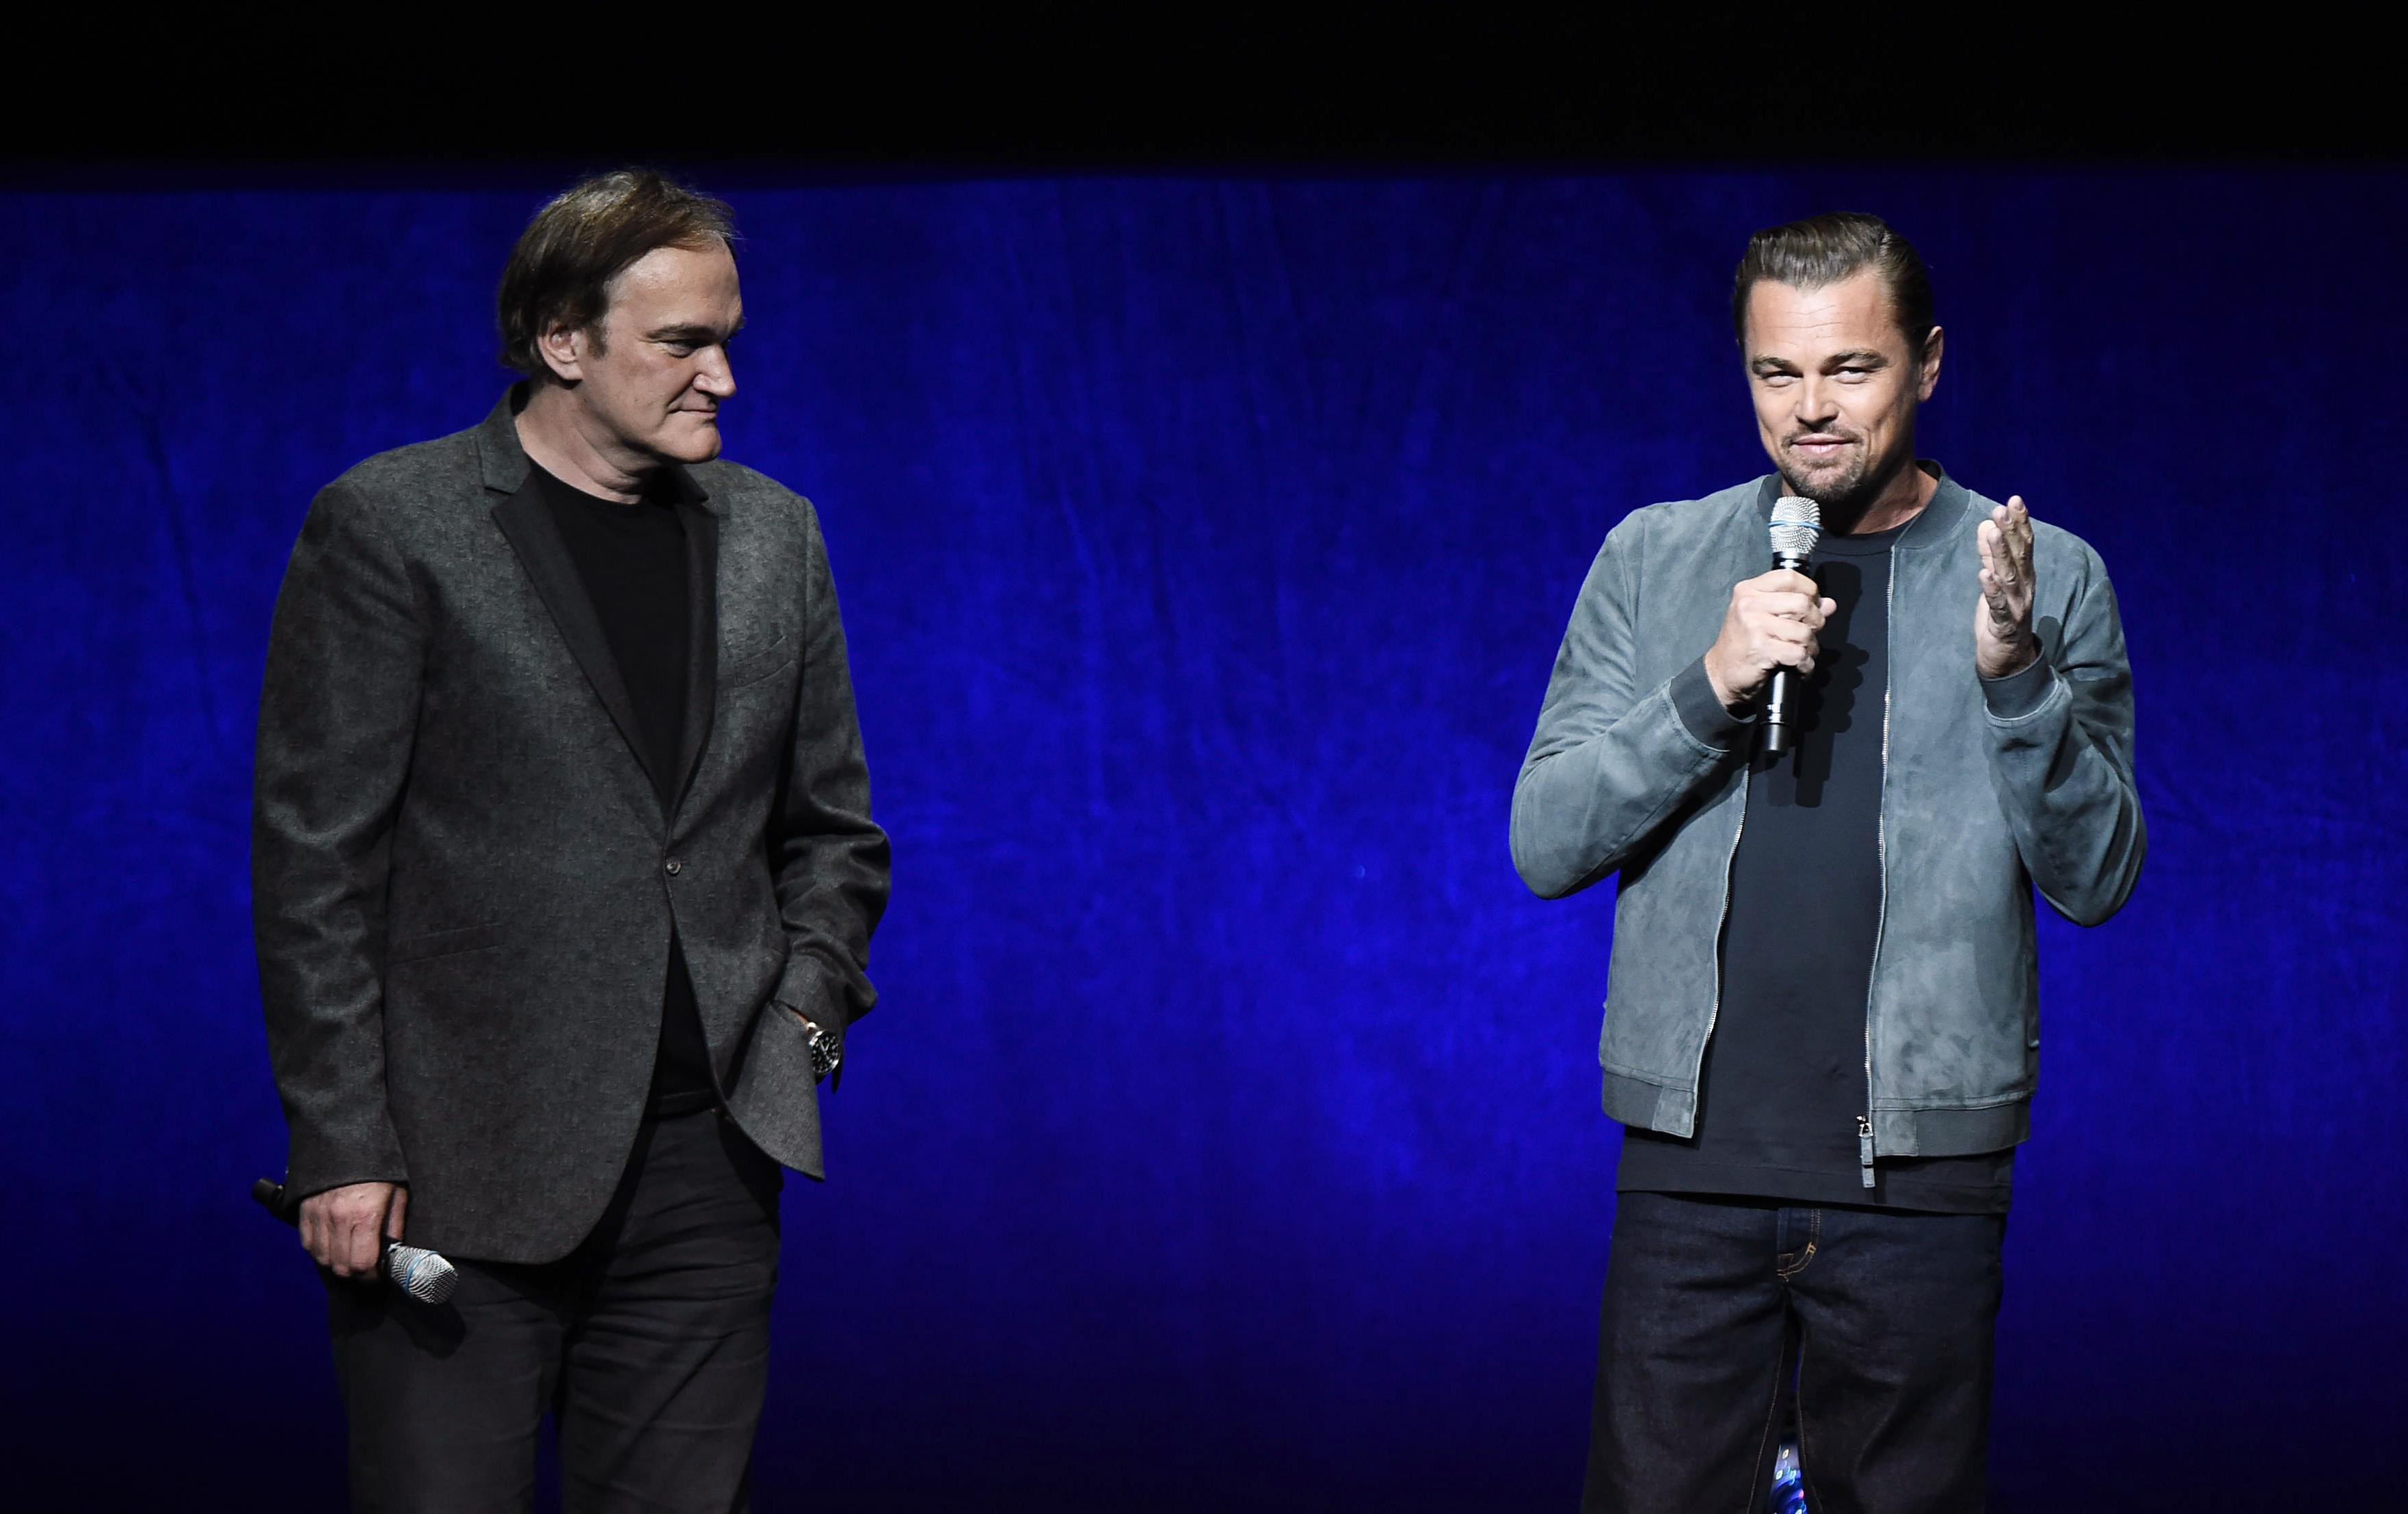 Đạo diễn tài ba Quentin Tarantino và tài tử Leonardo DiCapriot trong buổi họp báo về bộ phim Once Upon A Time In Hollywood